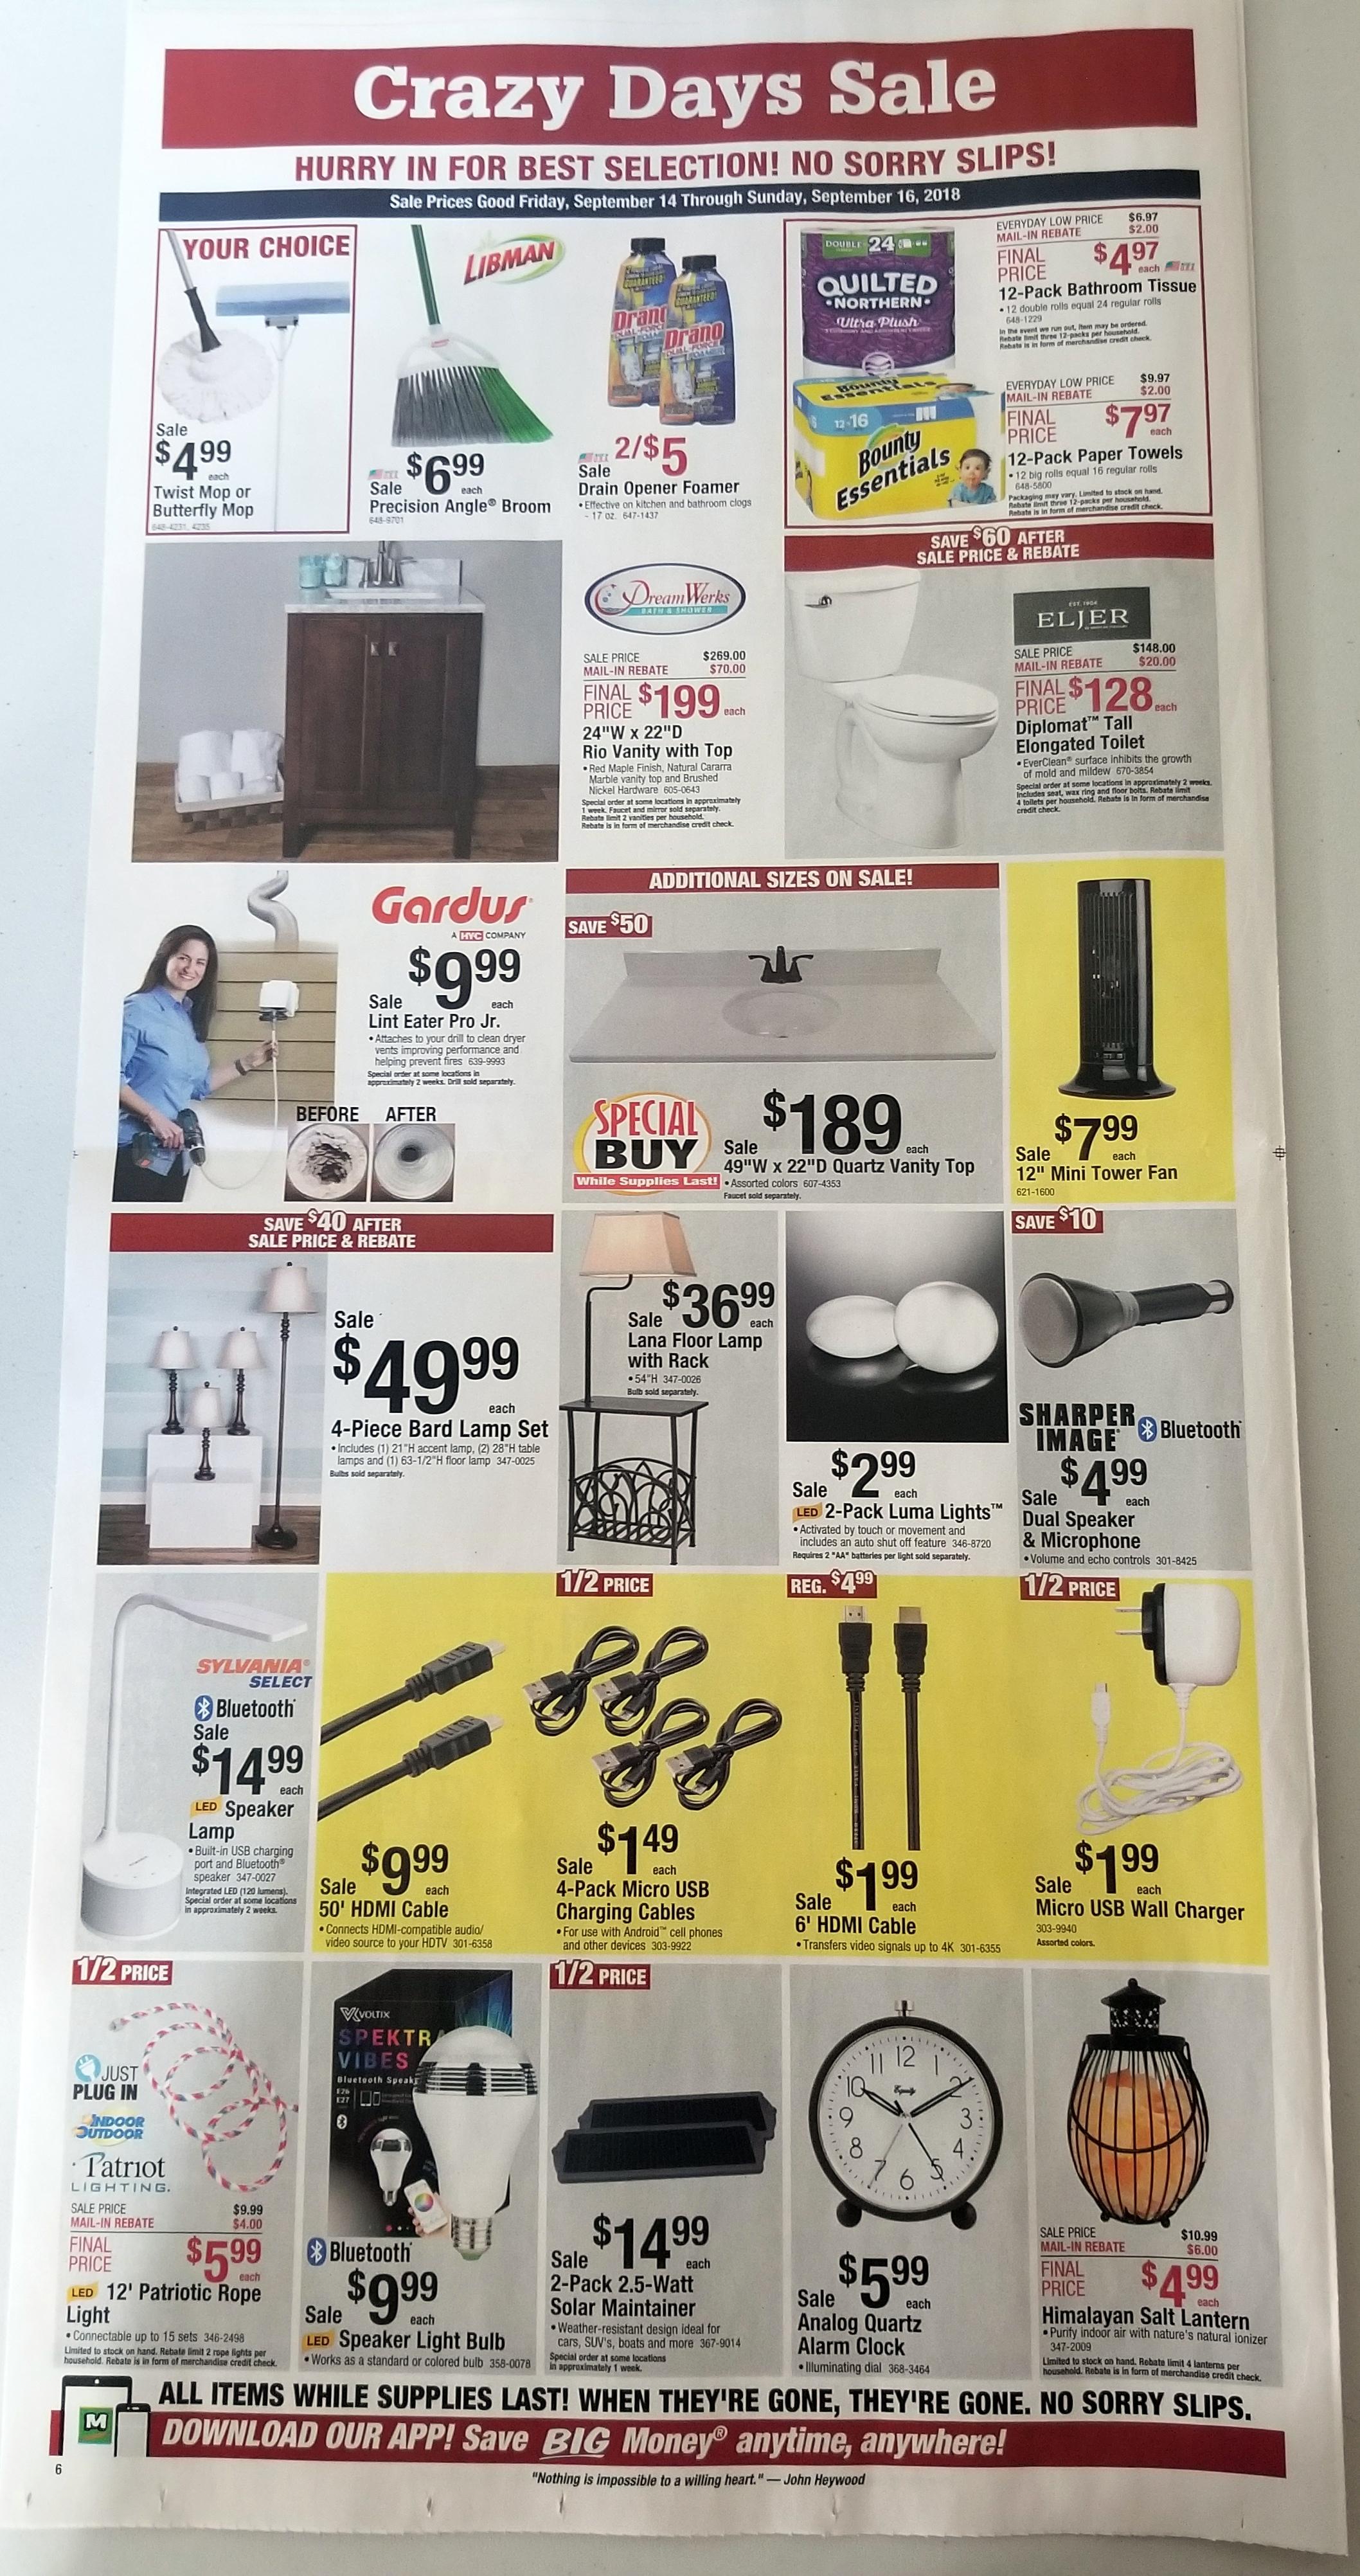 menards crazy days sale 9 14 18 9 16 18 struggleville. Black Bedroom Furniture Sets. Home Design Ideas